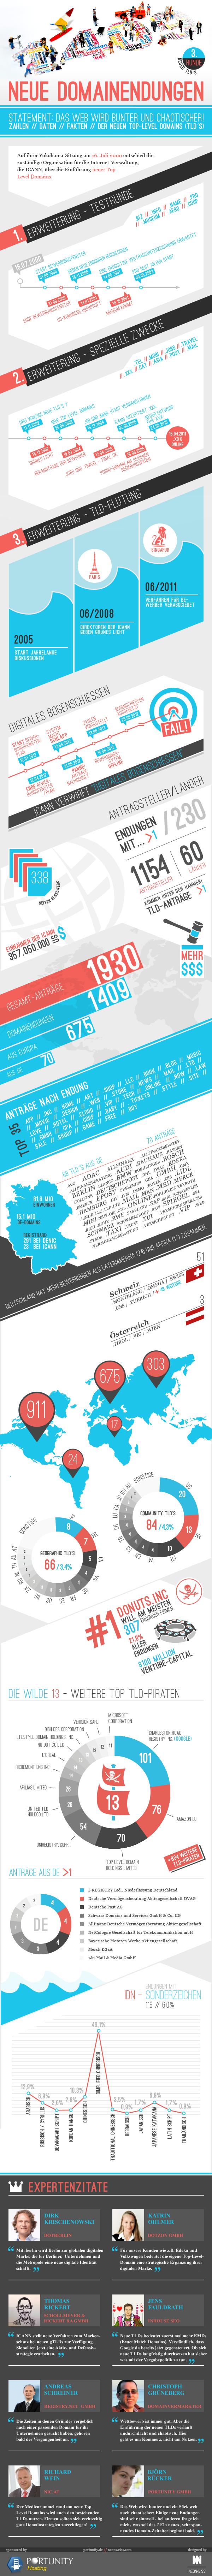 Neue Domainendungen - Zahlen Daten und Fakten